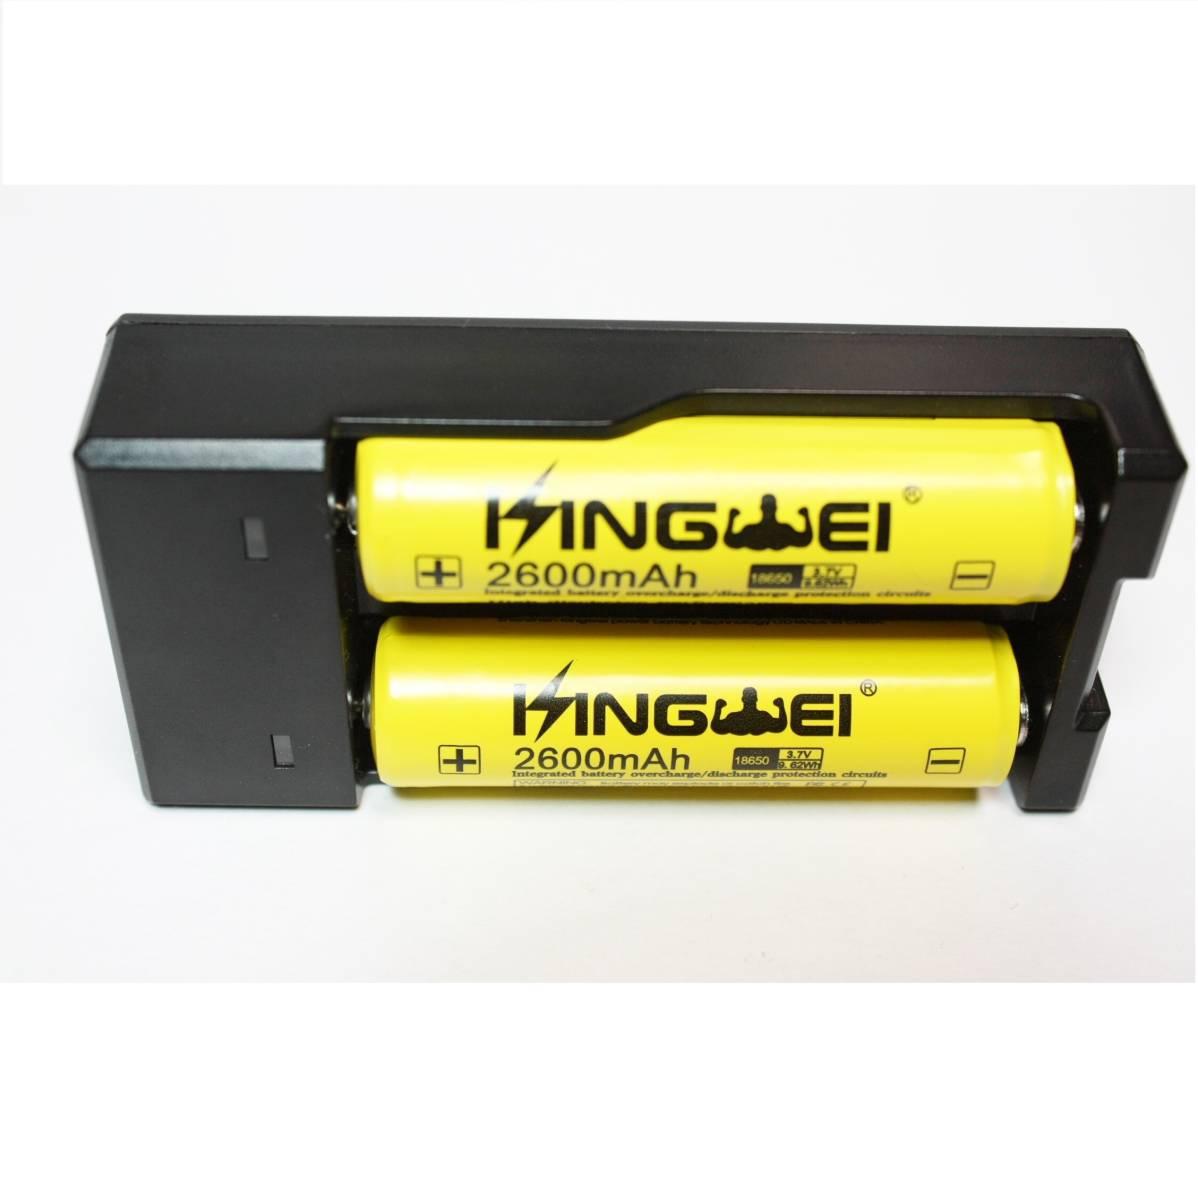 正規容量 18650 経済産業省適合品 リチウムイオン 充電池 2本 + 急速充電器 バッテリー 懐中電灯 ヘッドライト02_画像2